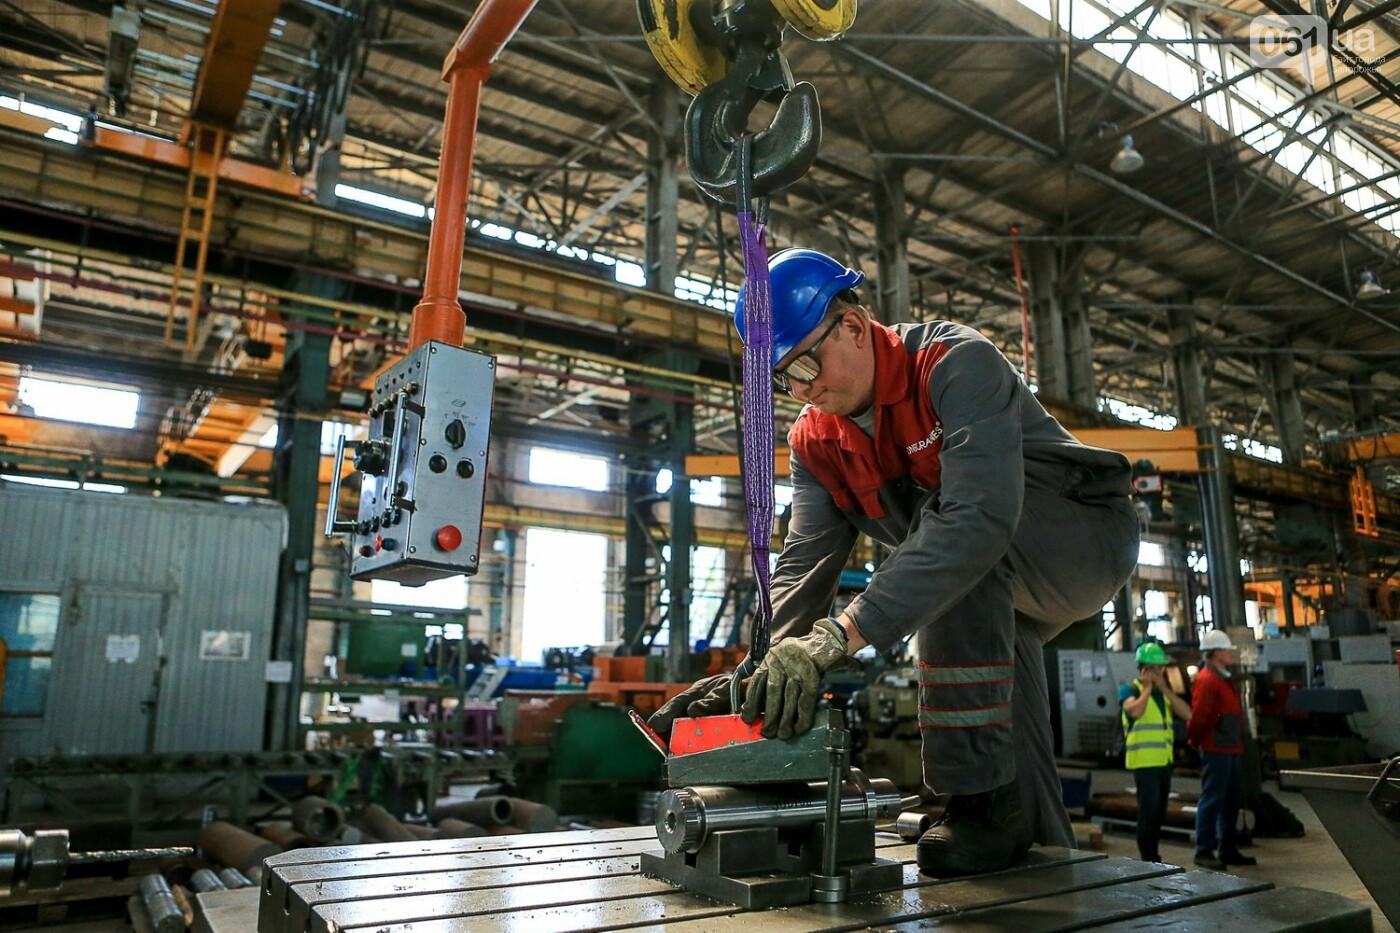 Как в Запорожье работает крупнейший в Европе завод по производству кранов: экскурсия на производство, — ФОТОРЕПОРТАЖ, фото-43